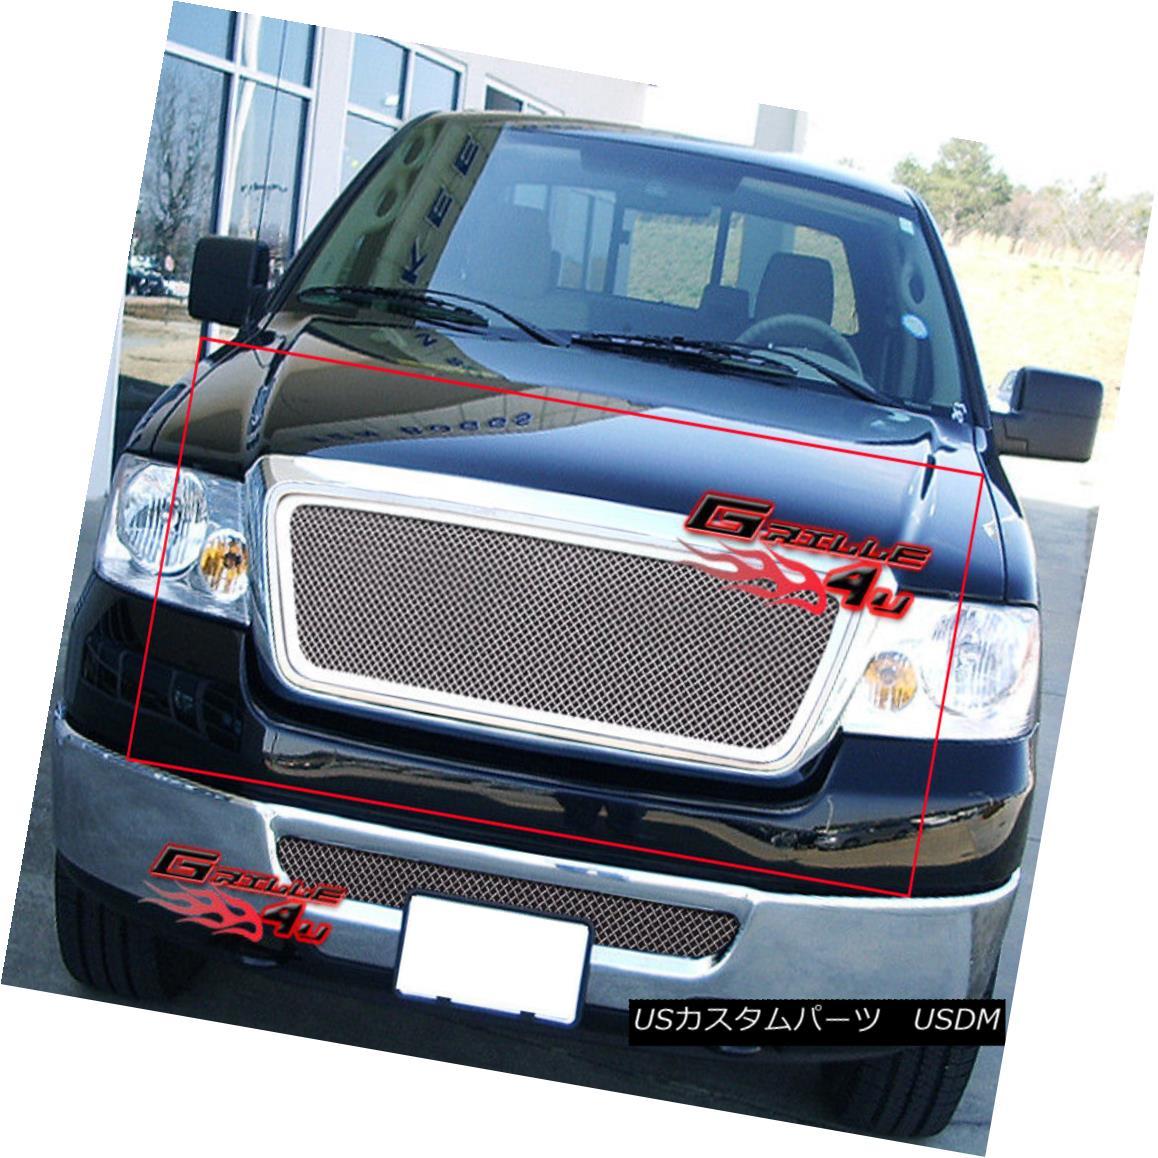 グリル For 04-08 Ford F-150 Honeycomb Style Stainless Steel Wire Mesh Grille Insert 04-08 Ford F-150ハニカムスタイルステンレススチールワイヤーメッシュグリルインサート